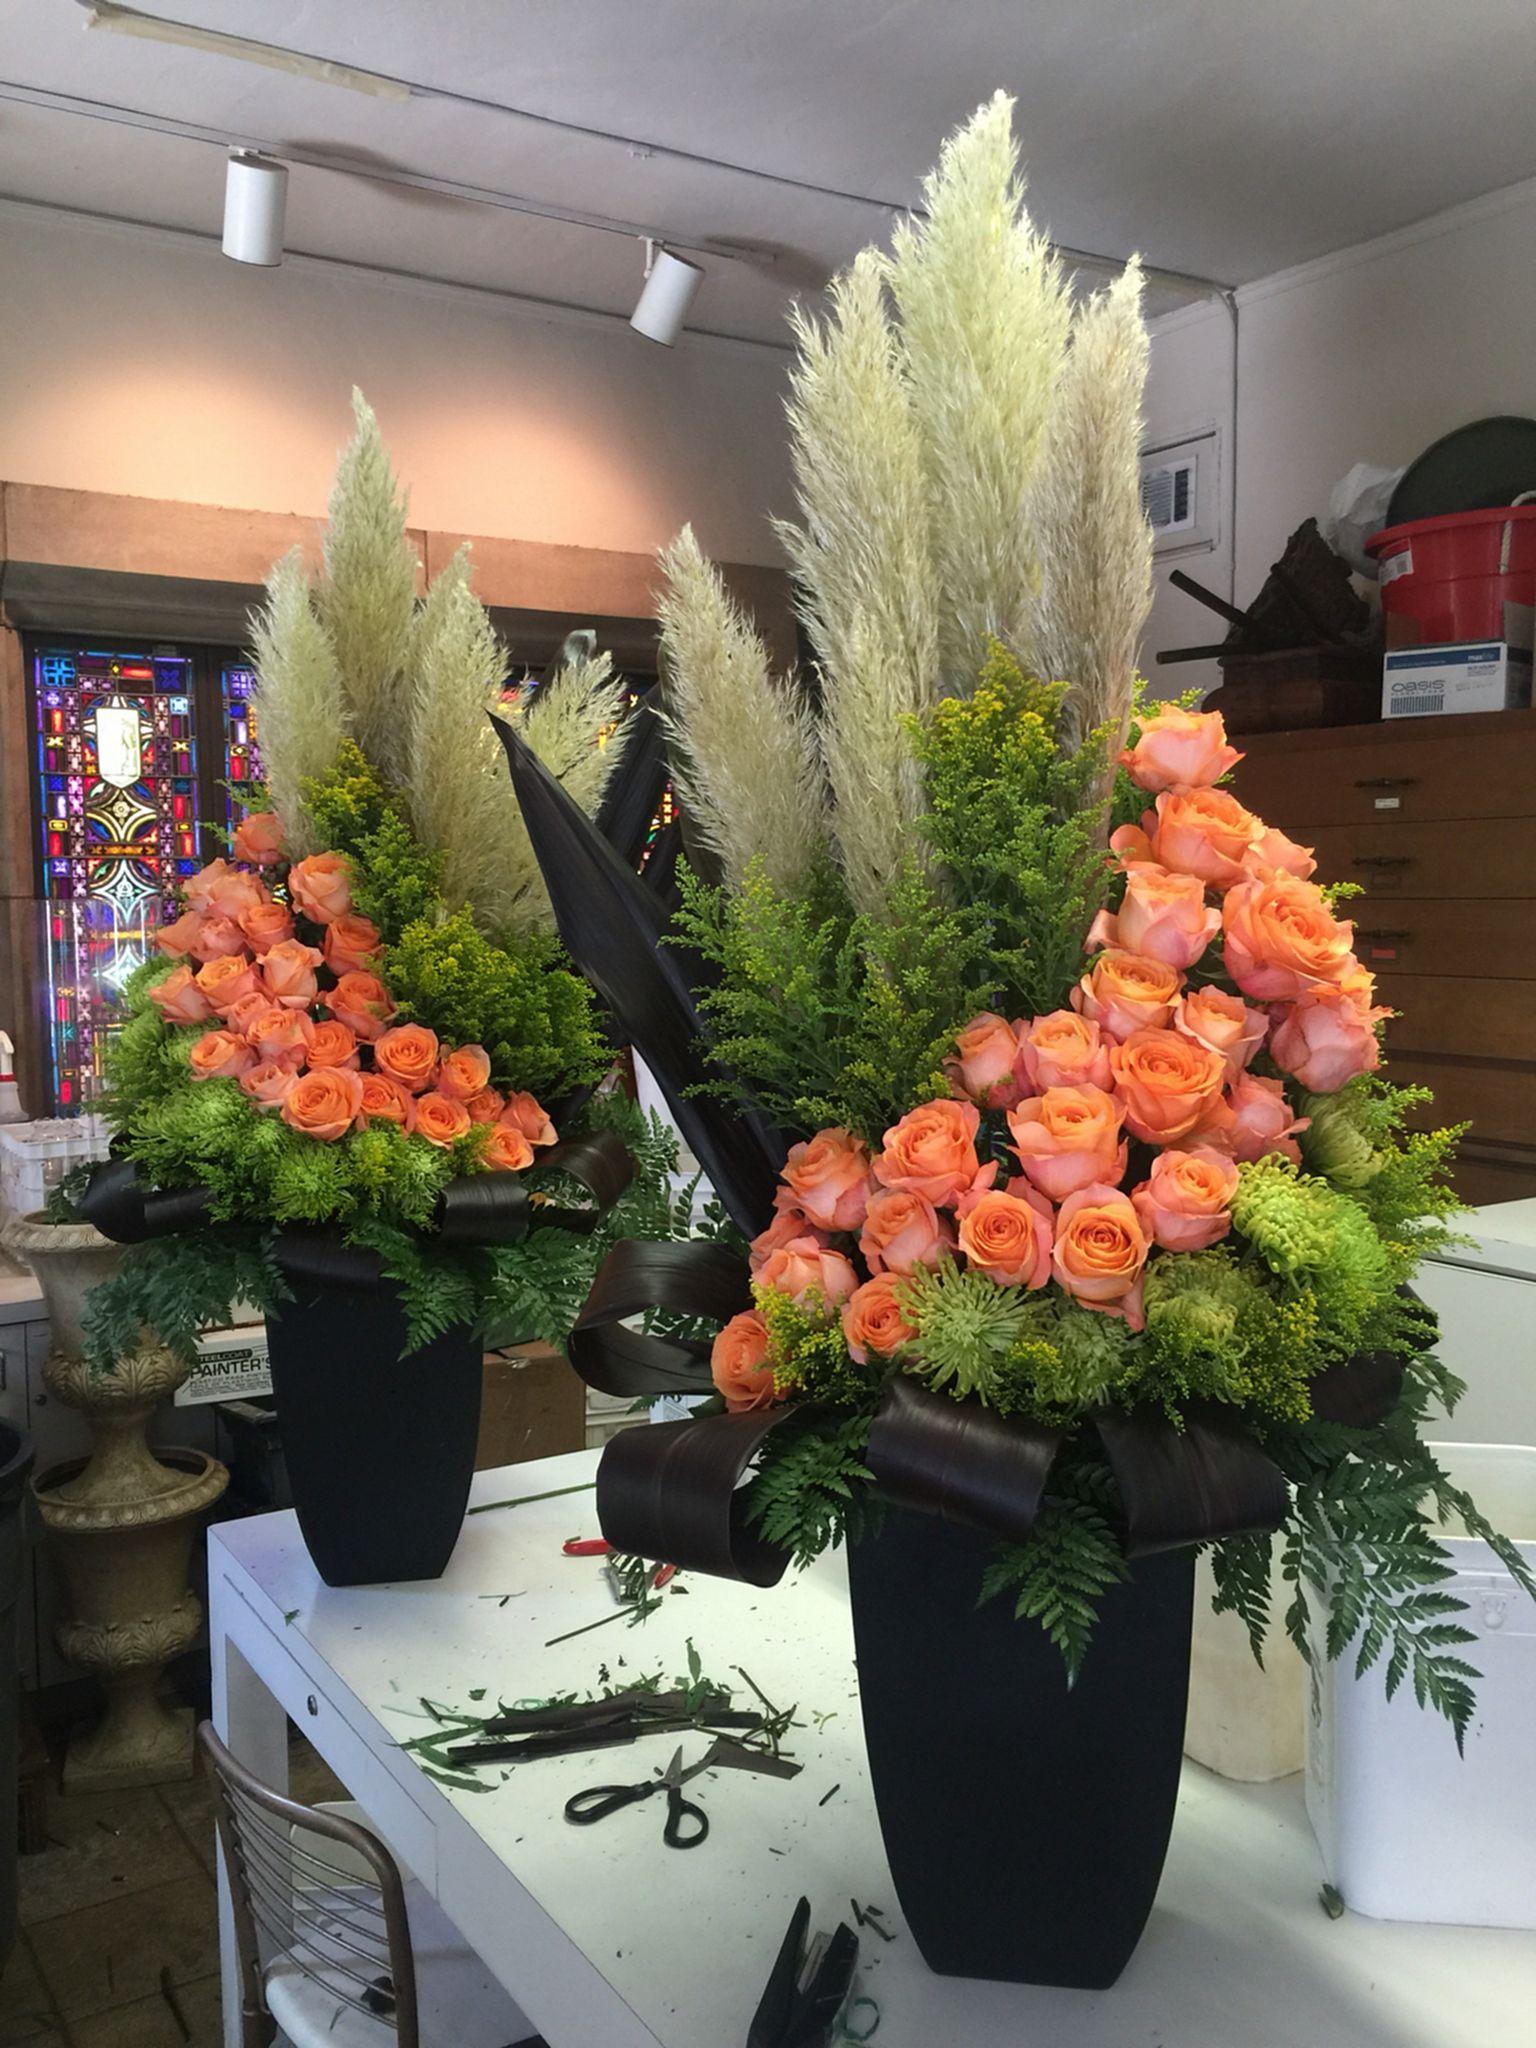 Adorable 60 wonderful rose arrangement ideas for your